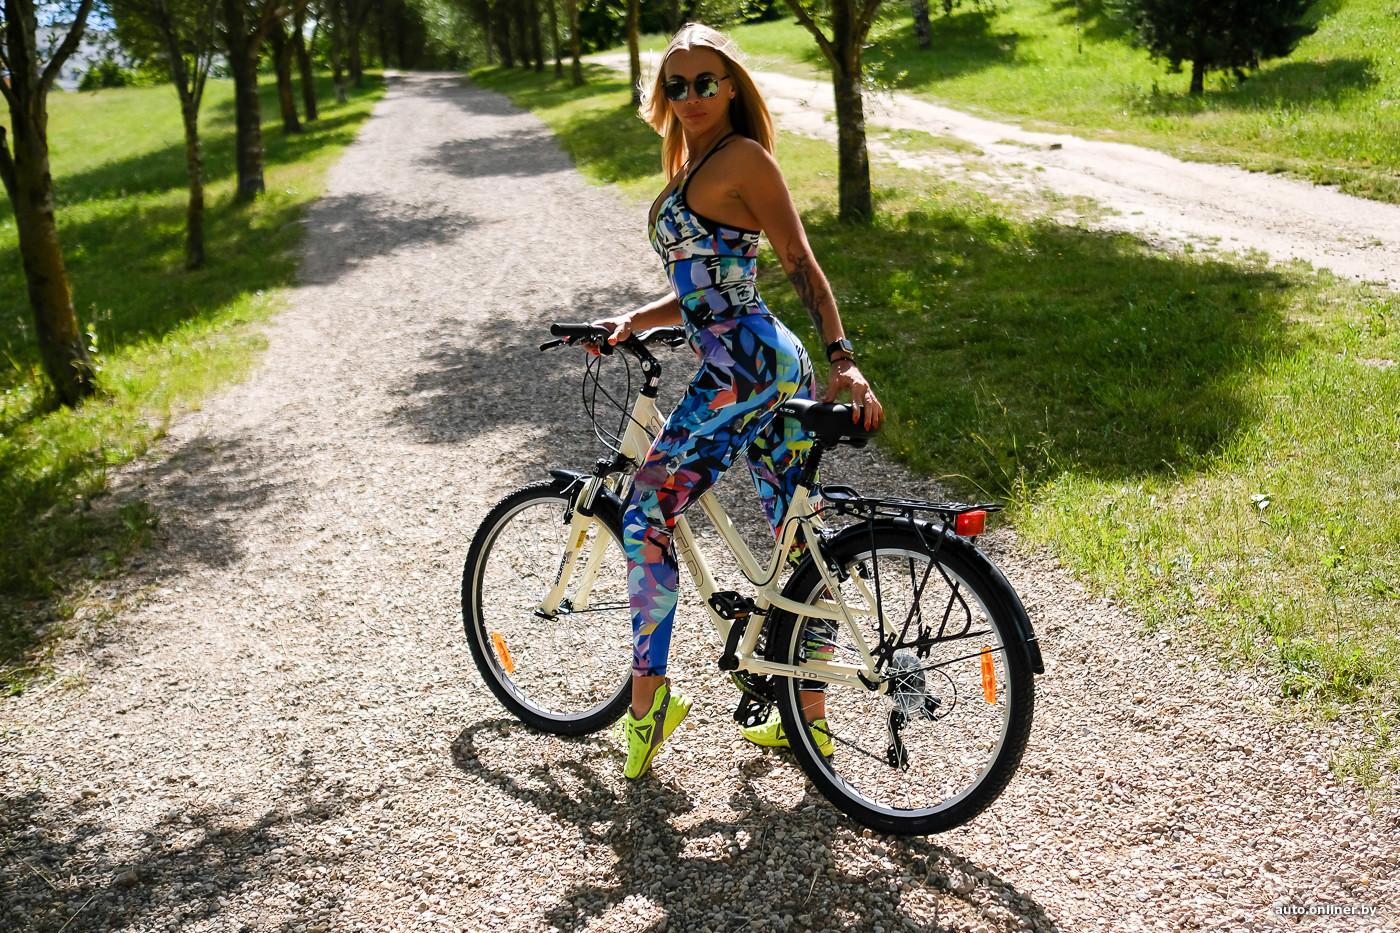 Какие компоненты и аксессуары стоит покупать вместе с велосипедом